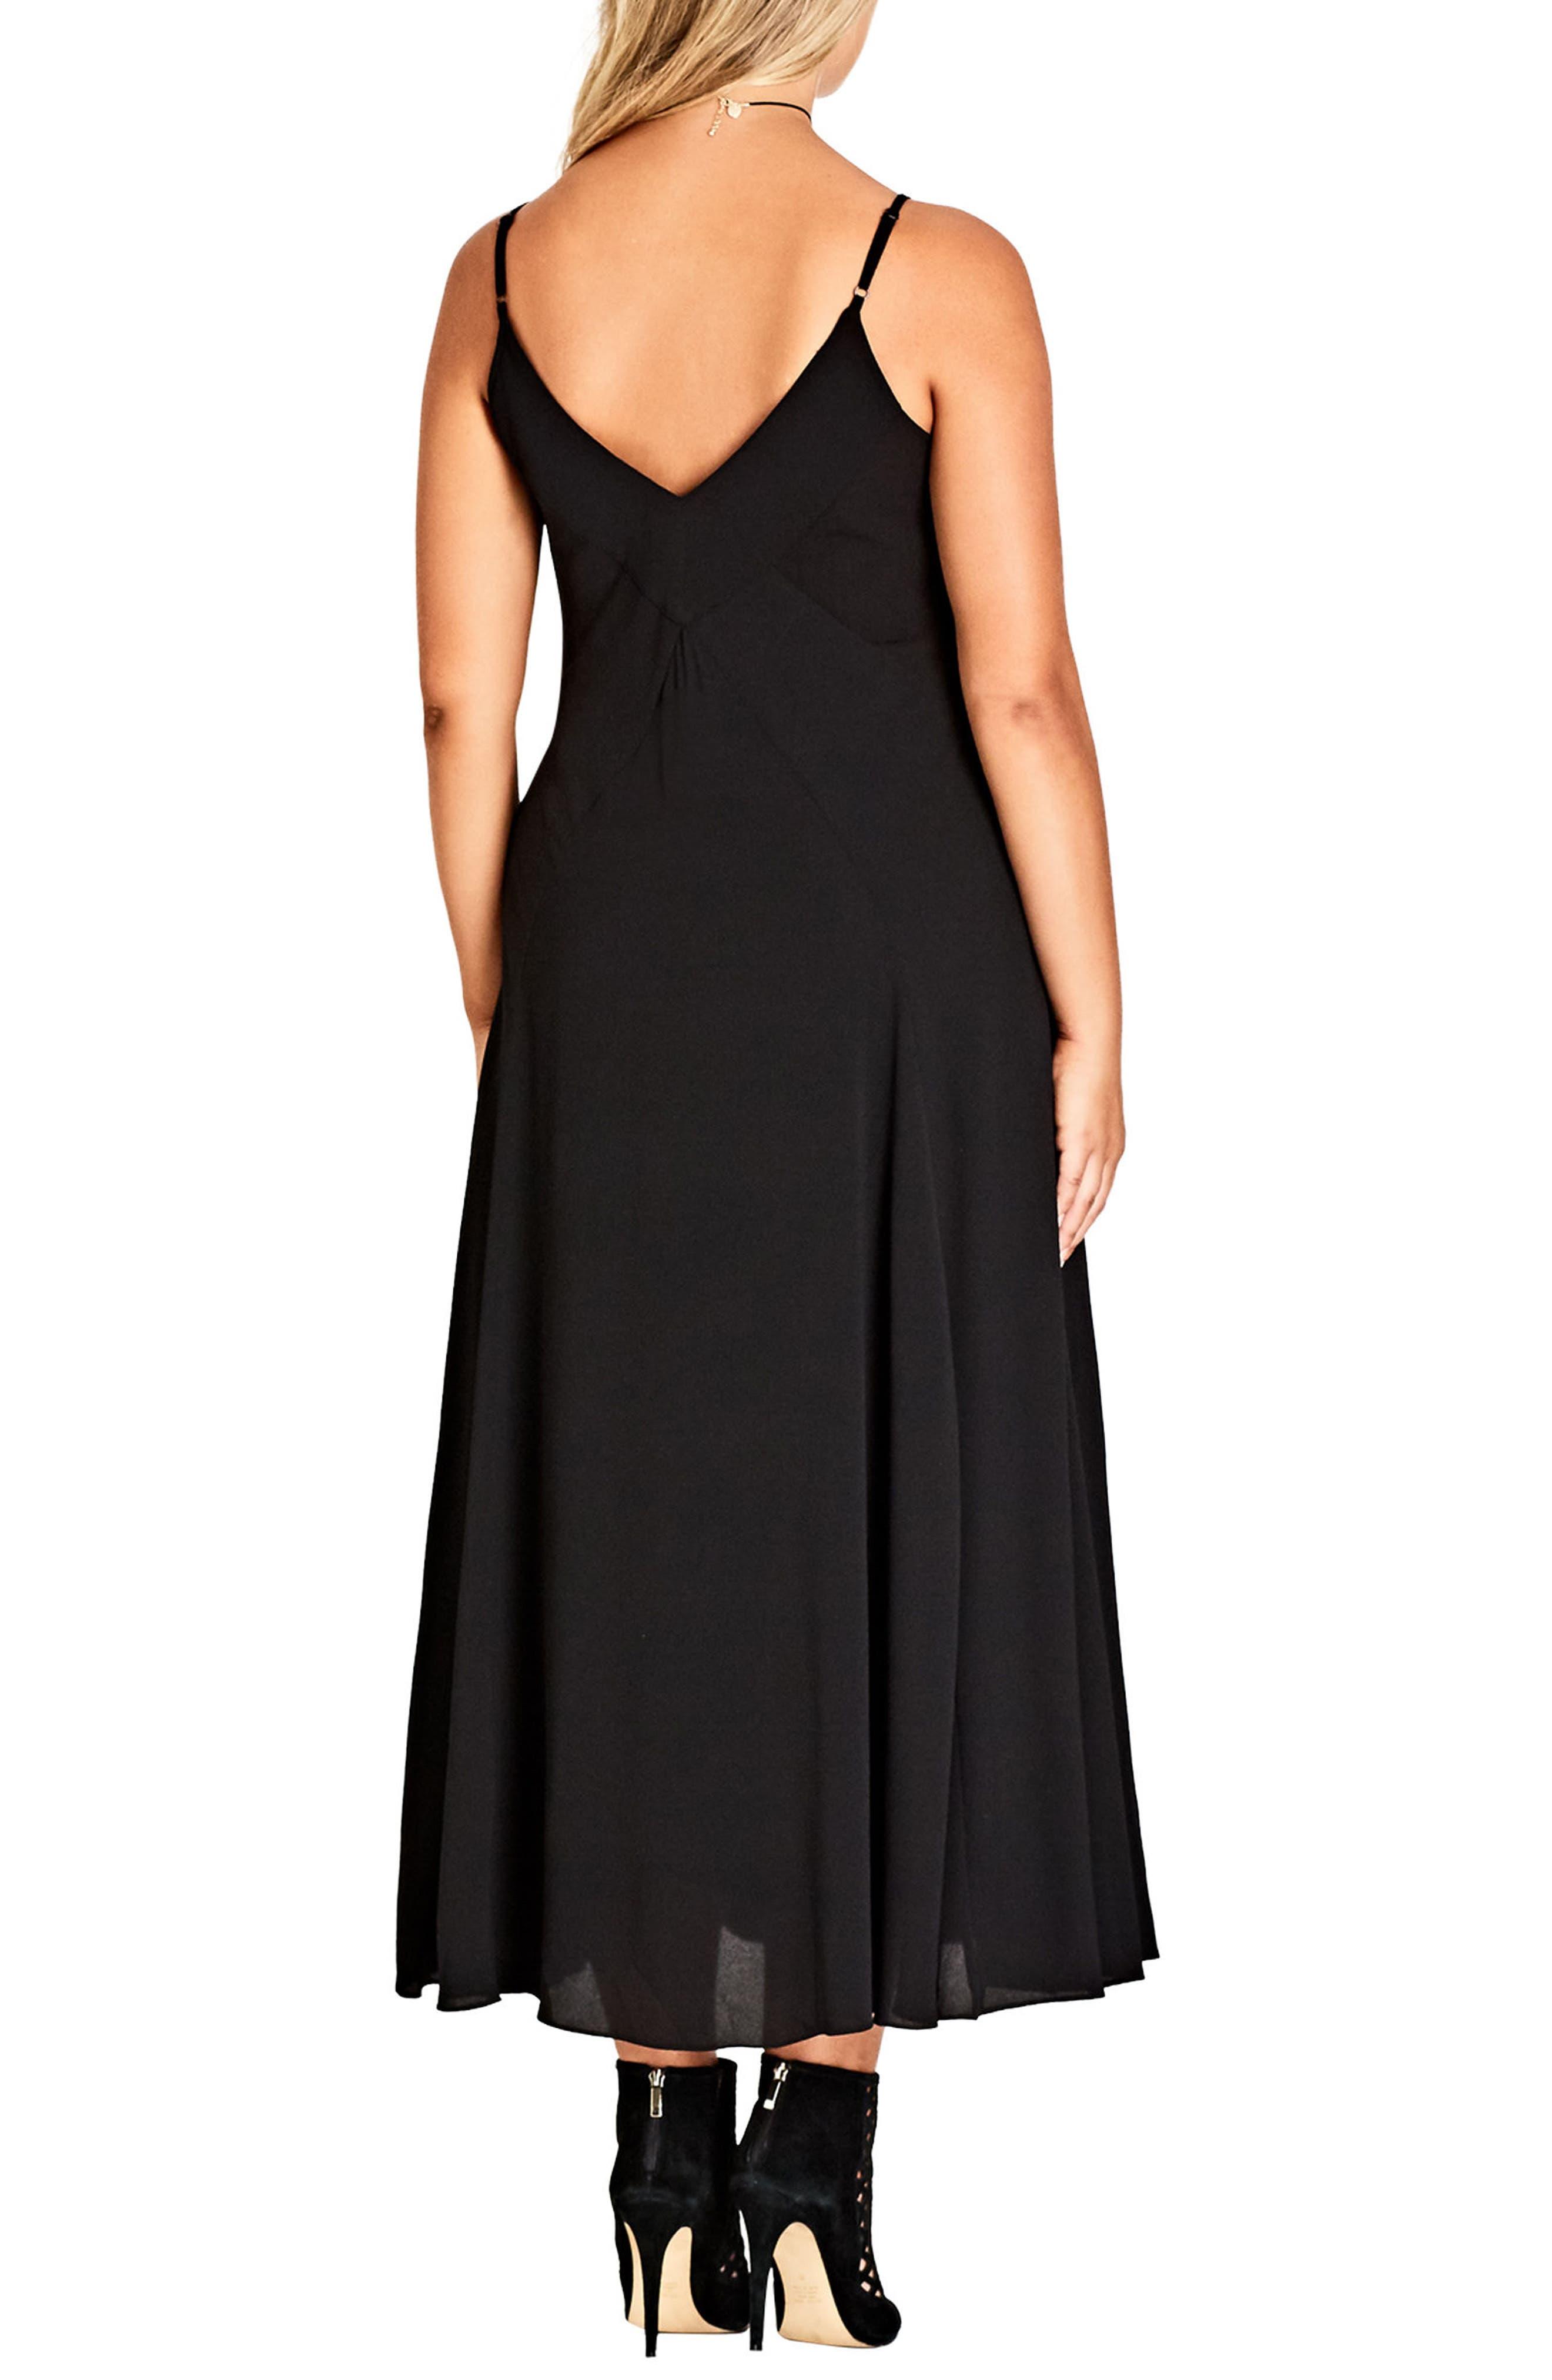 Boho Chic Maxi Dress,                             Alternate thumbnail 2, color,                             BLACK